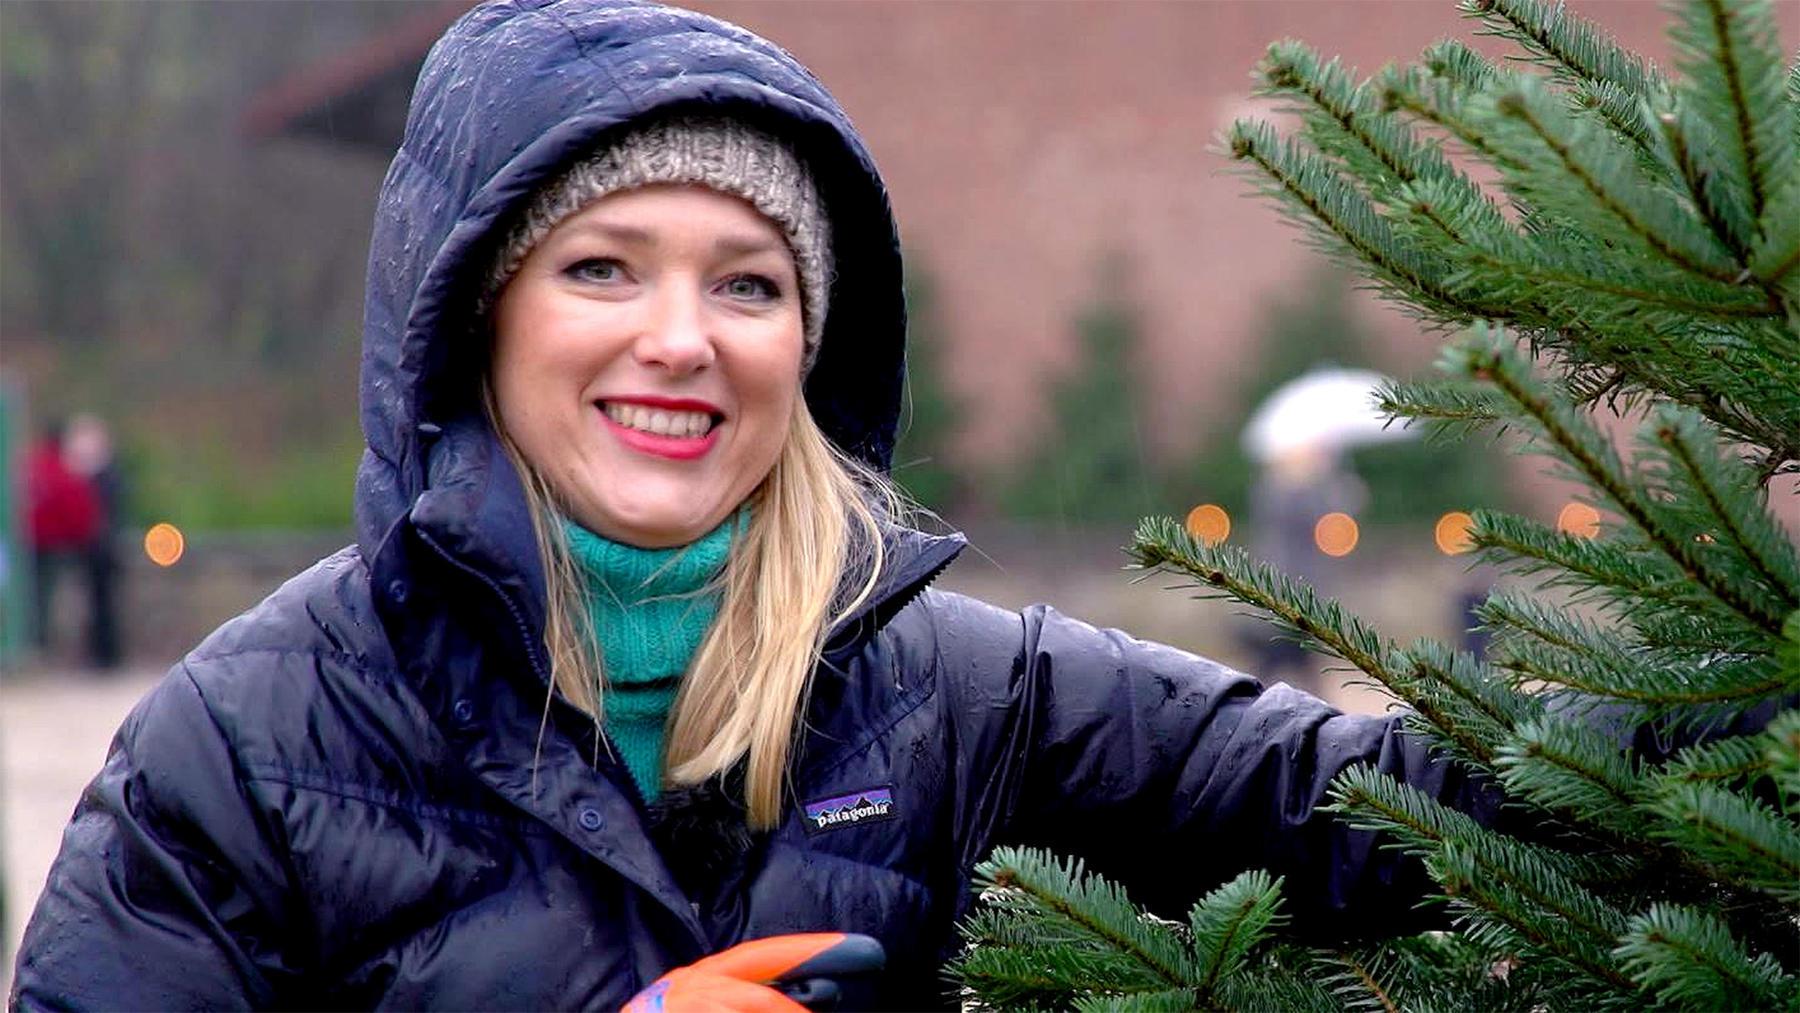 Thema heute u.a.: Wie transportiert man einen Weihnachtsbaum?